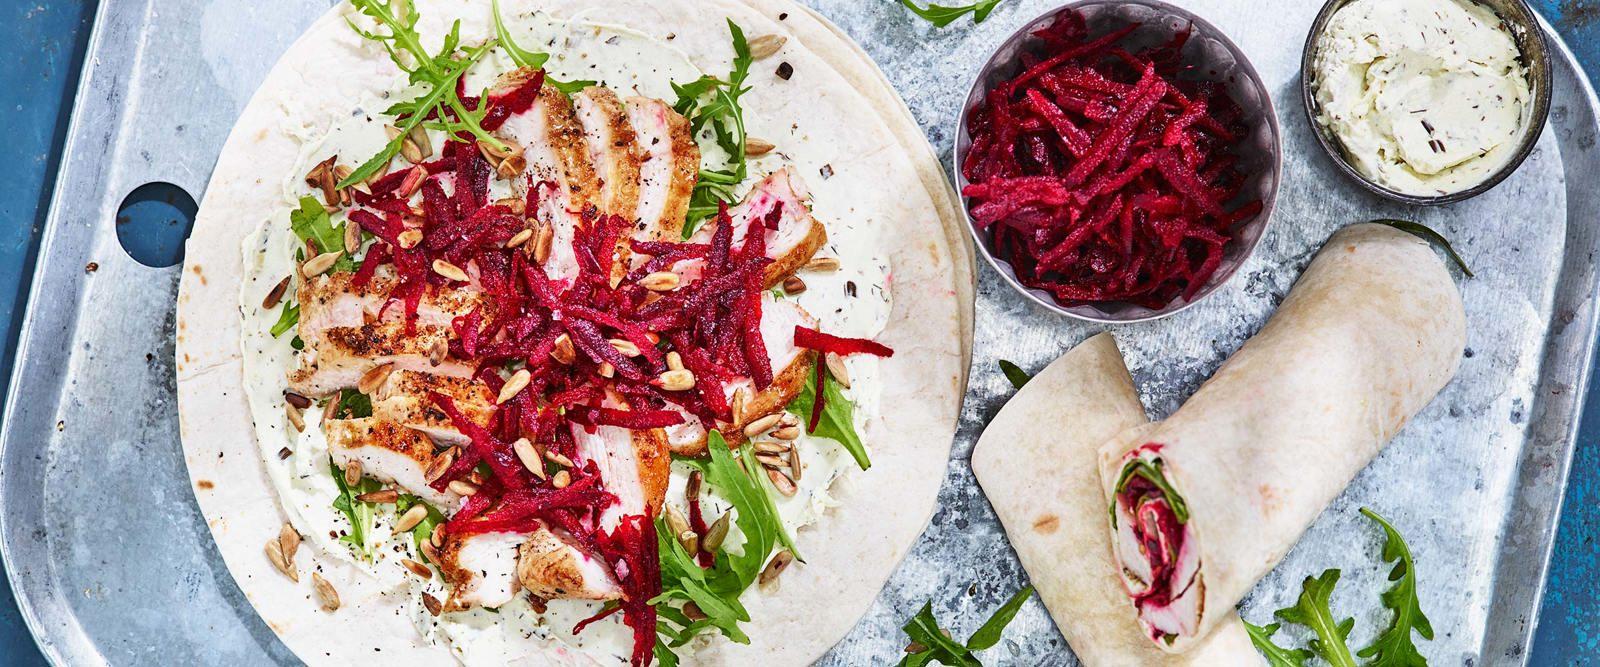 Snabba middagar med kyckling - Recept - Tema